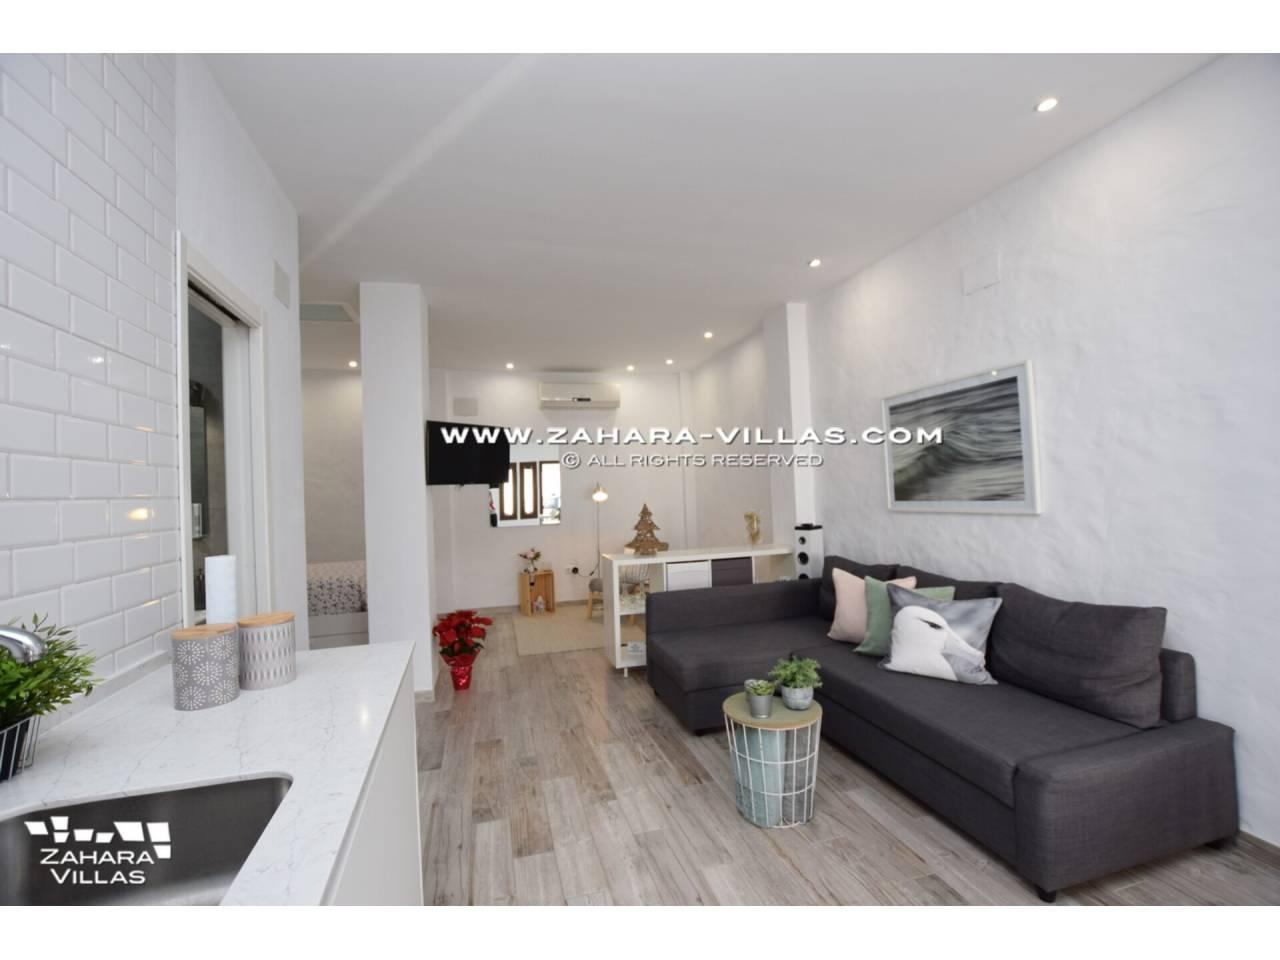 Imagen 45 de Haus zum verkauf in Zahara de los Atunes